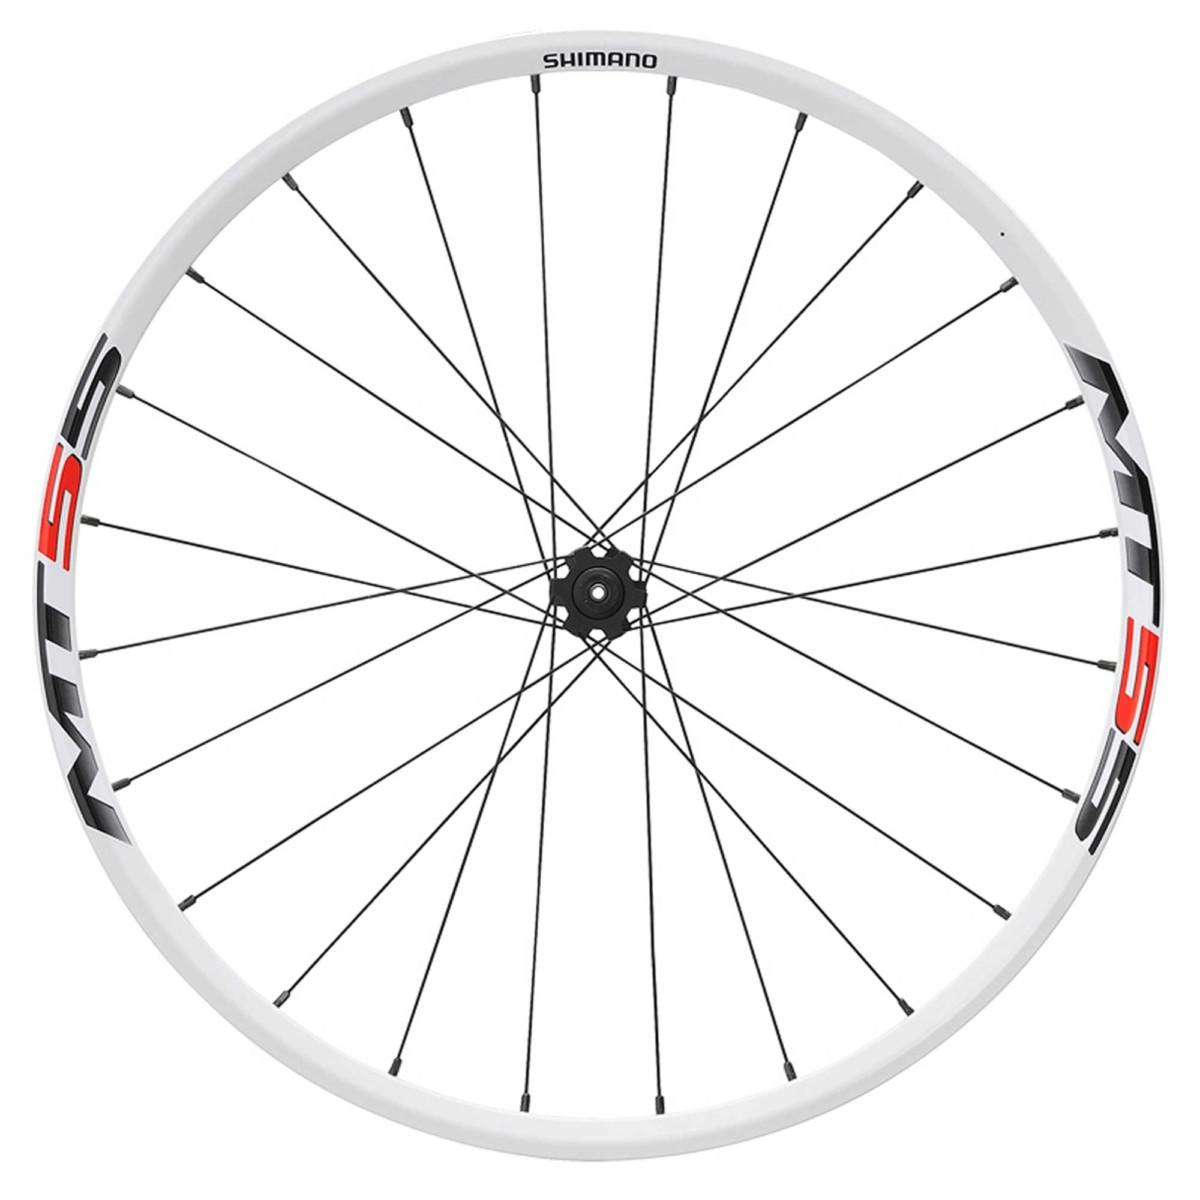 Shimano MT55 26 pouces 6 bolt disc VTT MTB TRAIL roue roues